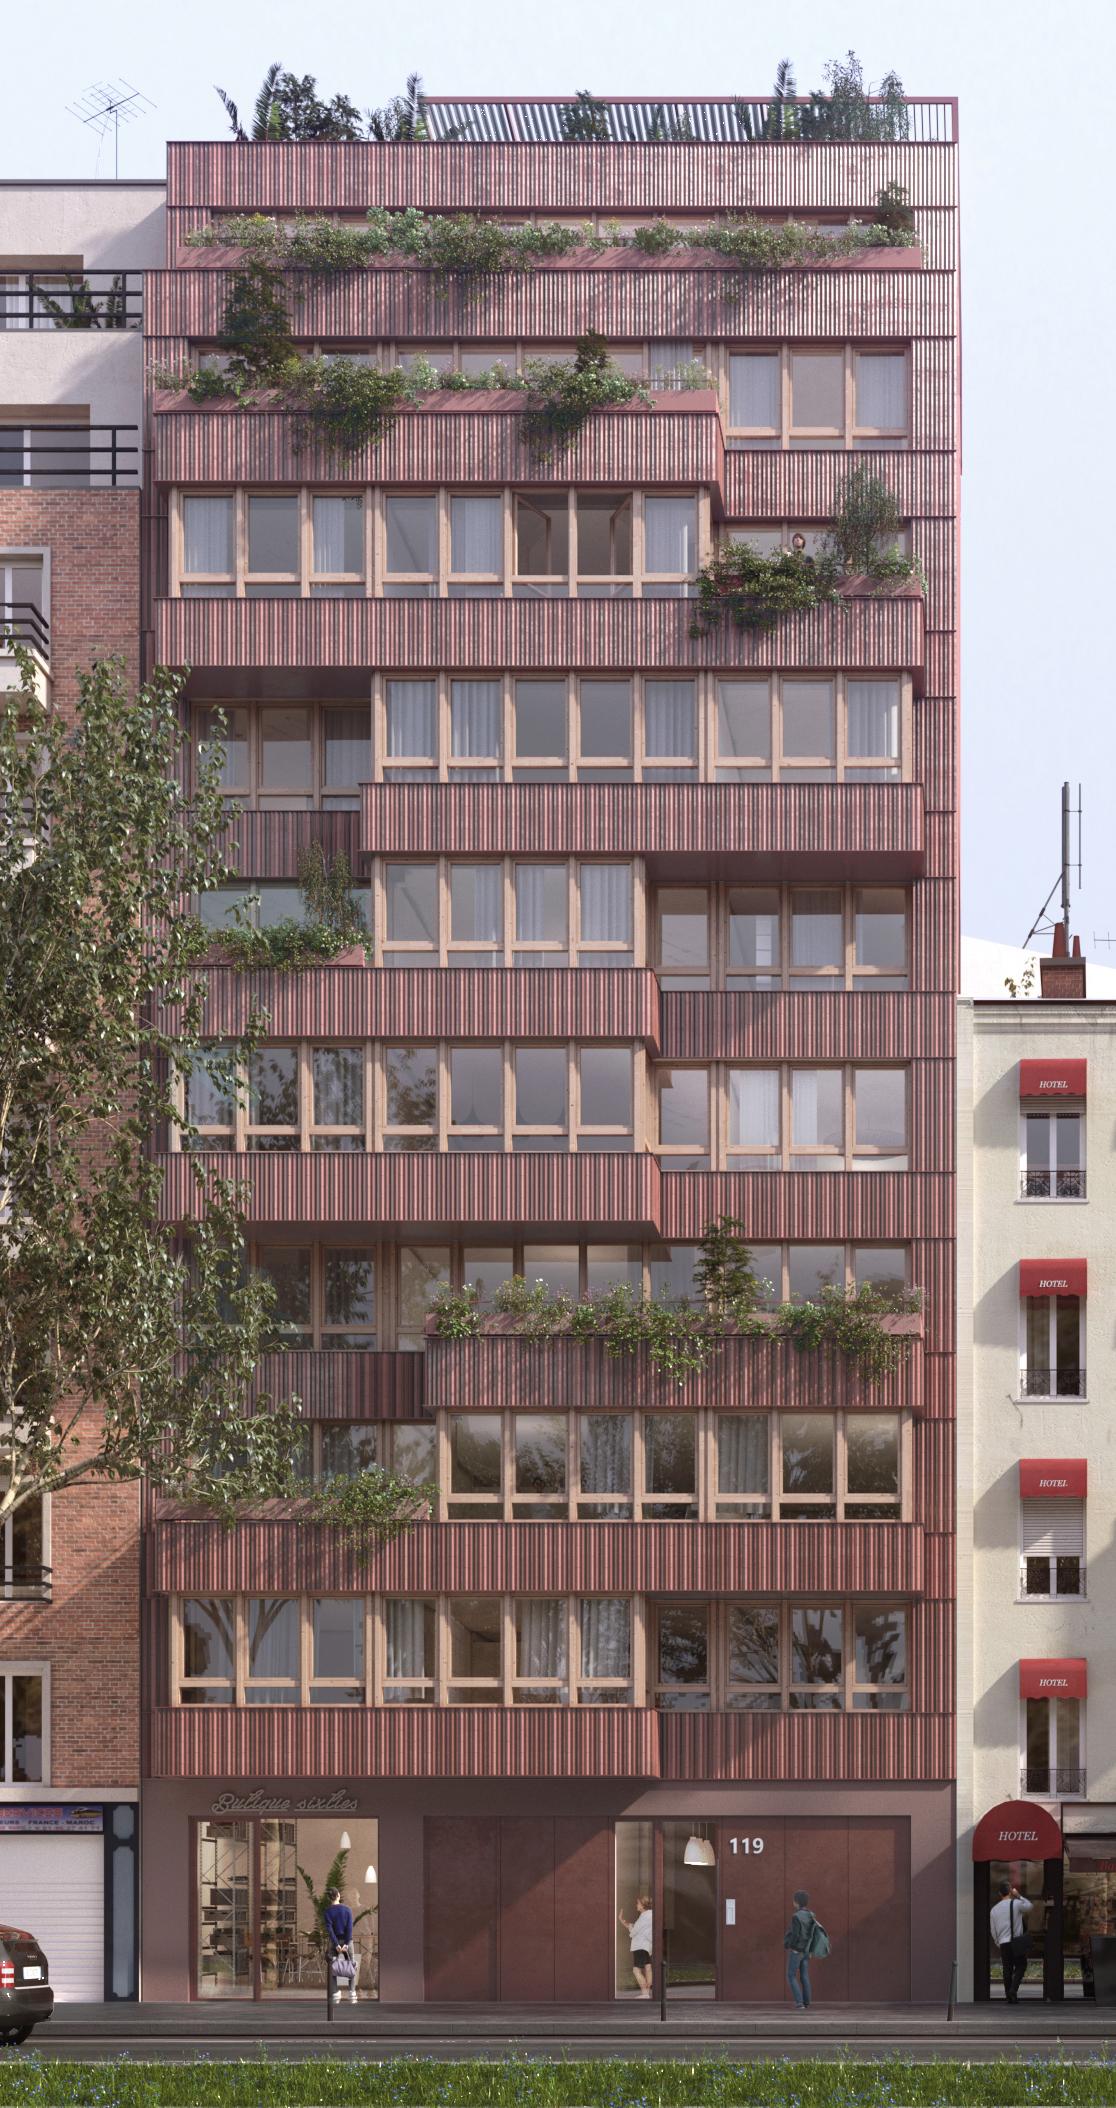 Démolition en cours, 16 logements, Paris 17 - Avancement du projet de 16 logements sociaux et d'un jardin partagé sur les toits Boulevard Bessières Paris 17 pour Pierres & Lumières